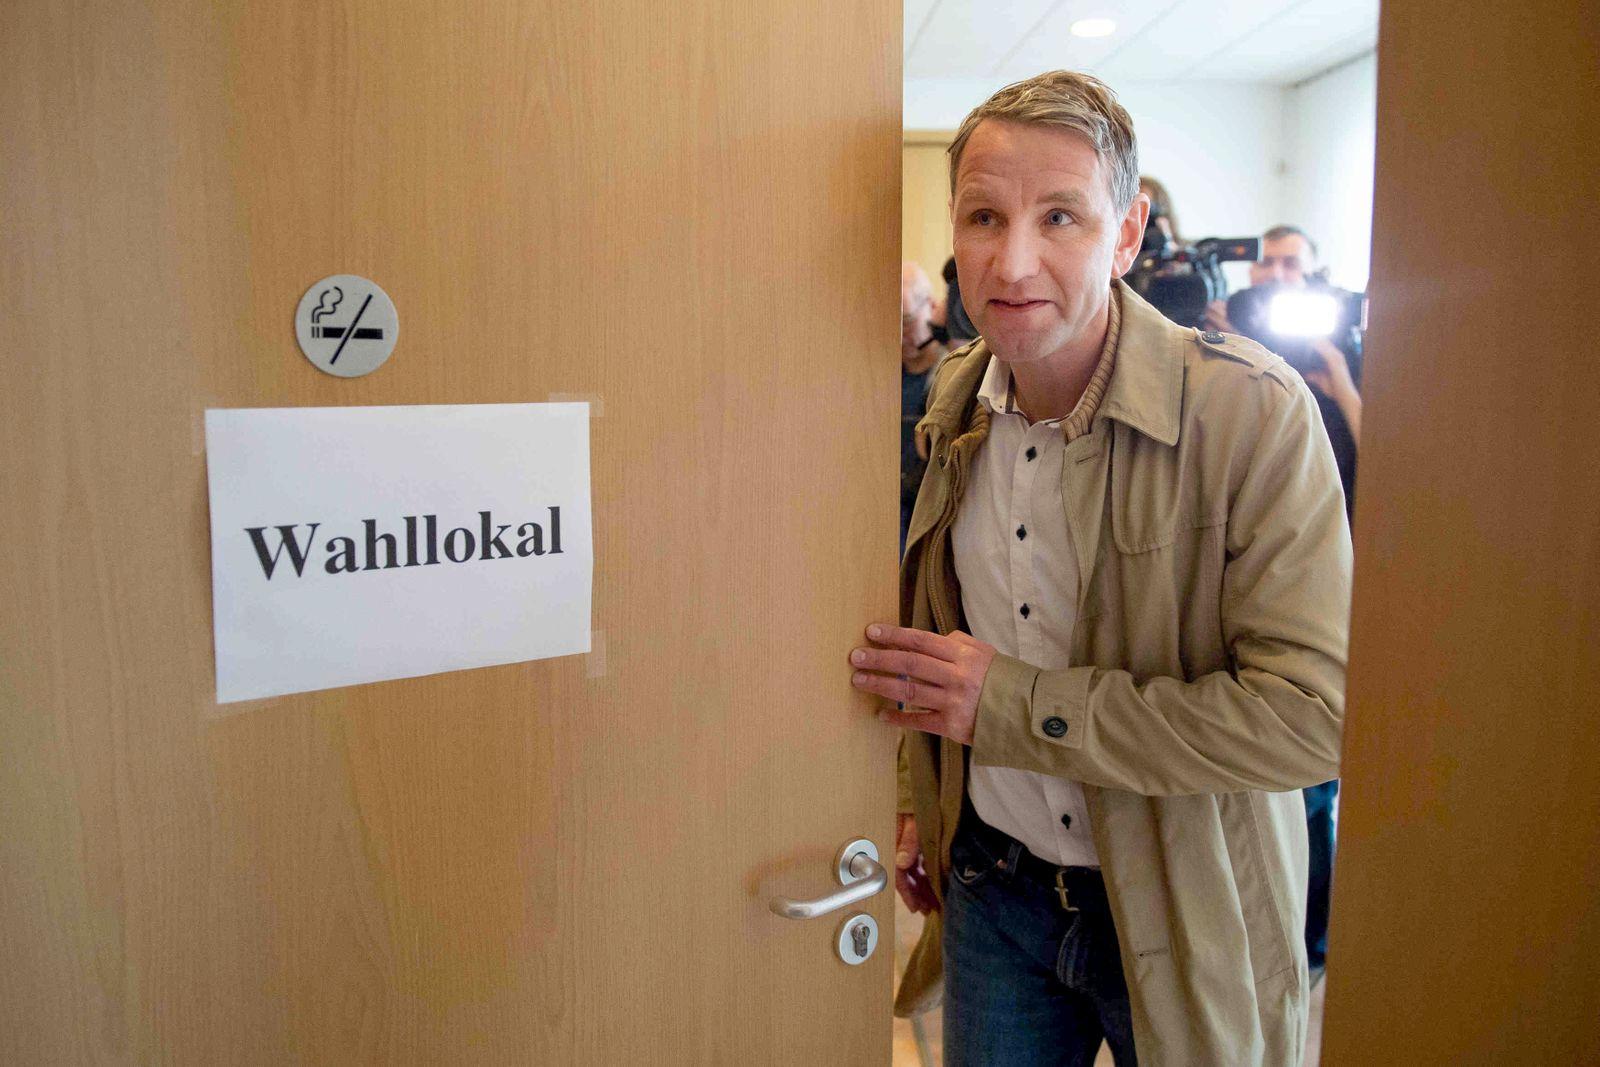 Landtagswahl Thüringen - Stimmabgabe AfD